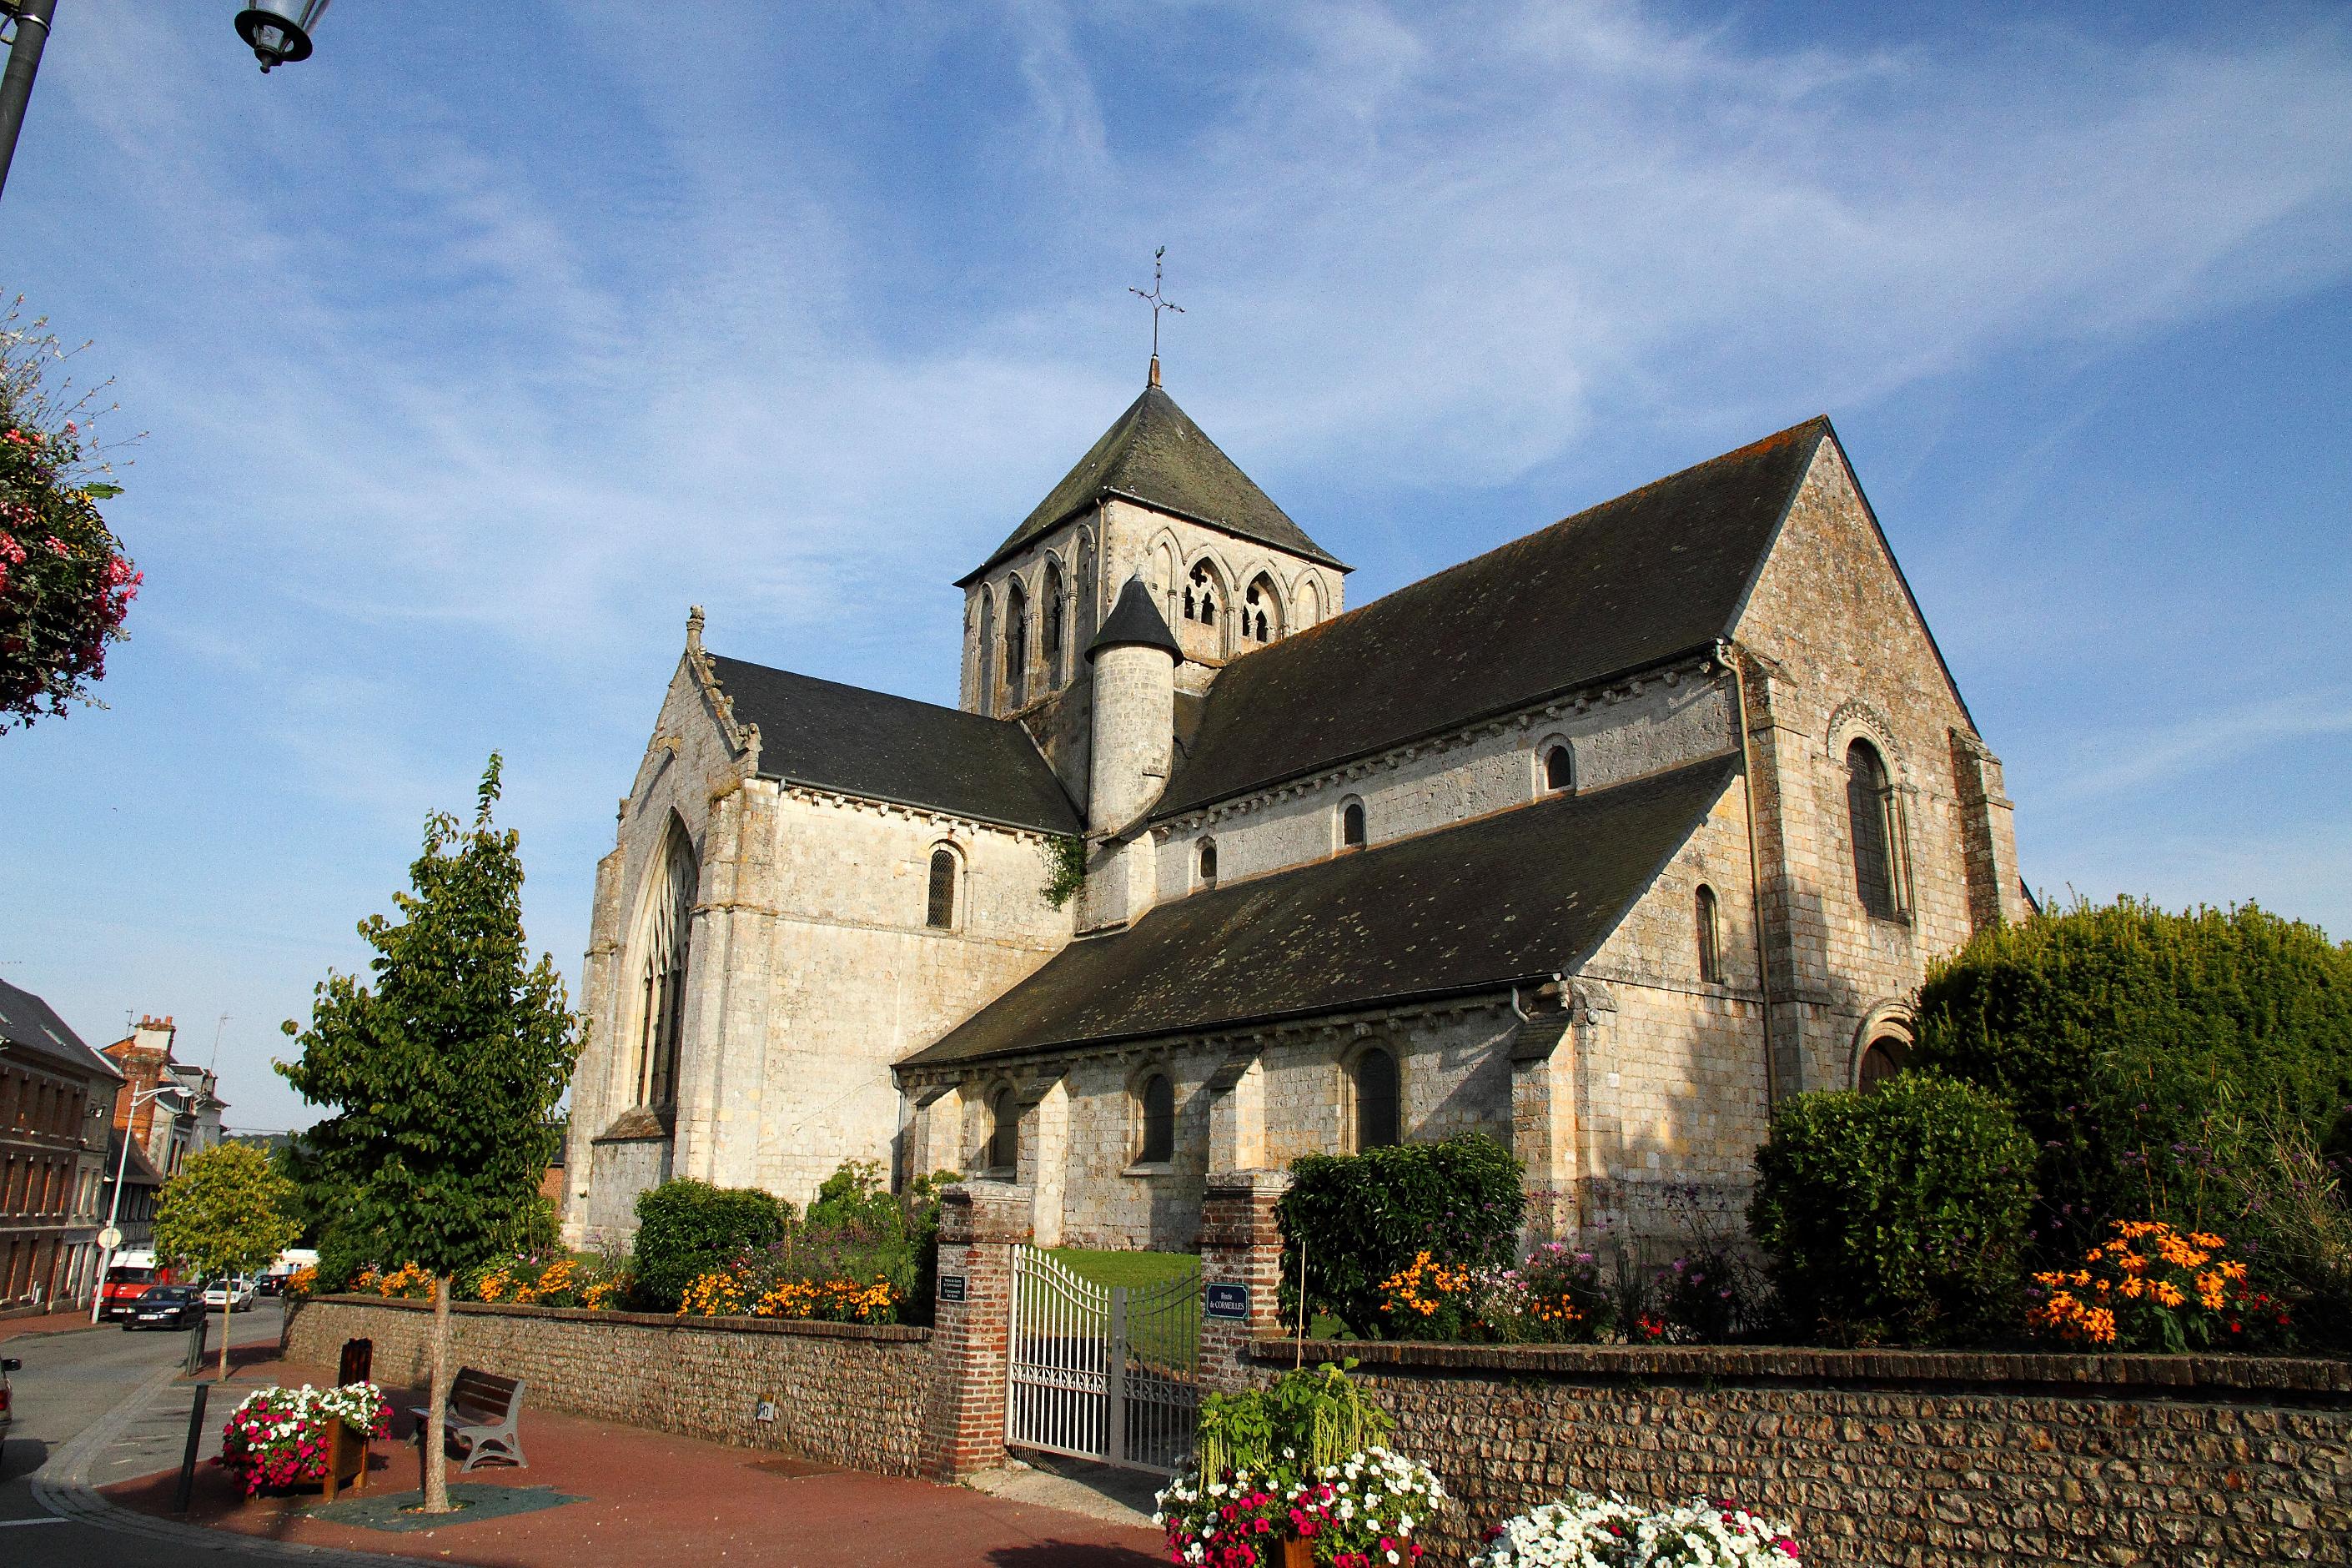 Patrimoine de nos communes L'église Saint-Germain à Pont-Audemer